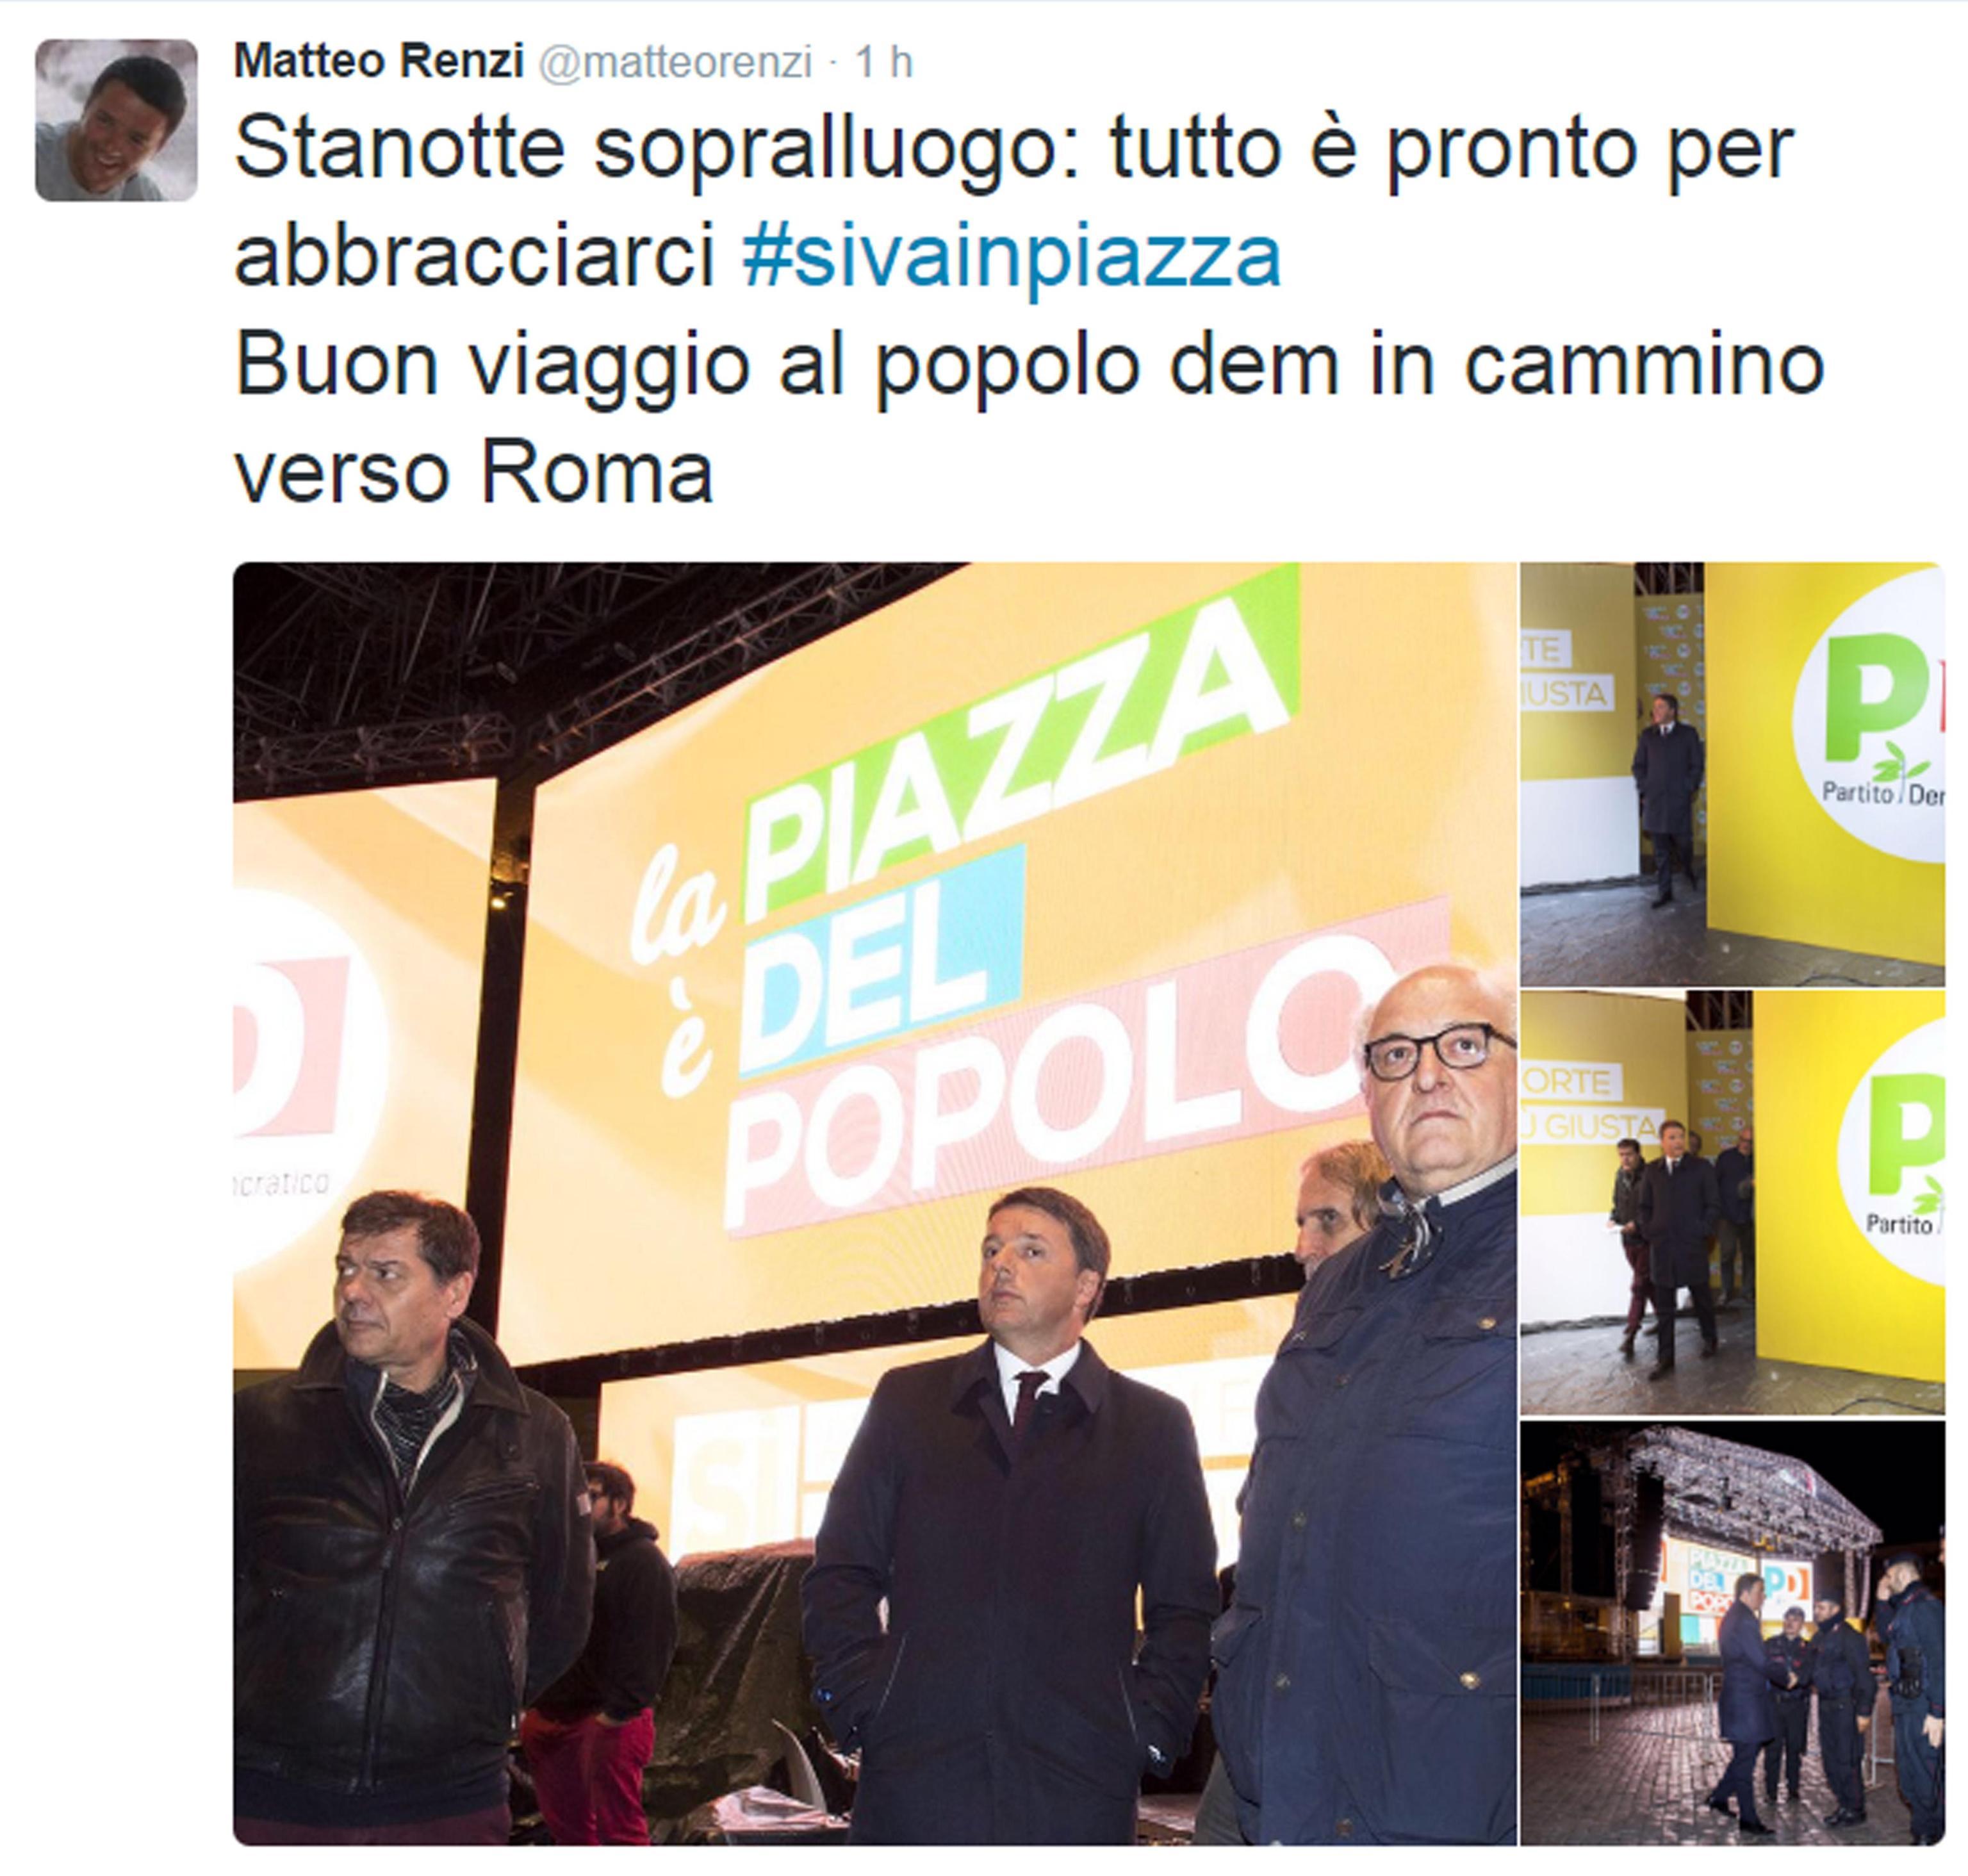 Renzi: Pd è pronto a cambiare Italicum, non si utilizzino alibi